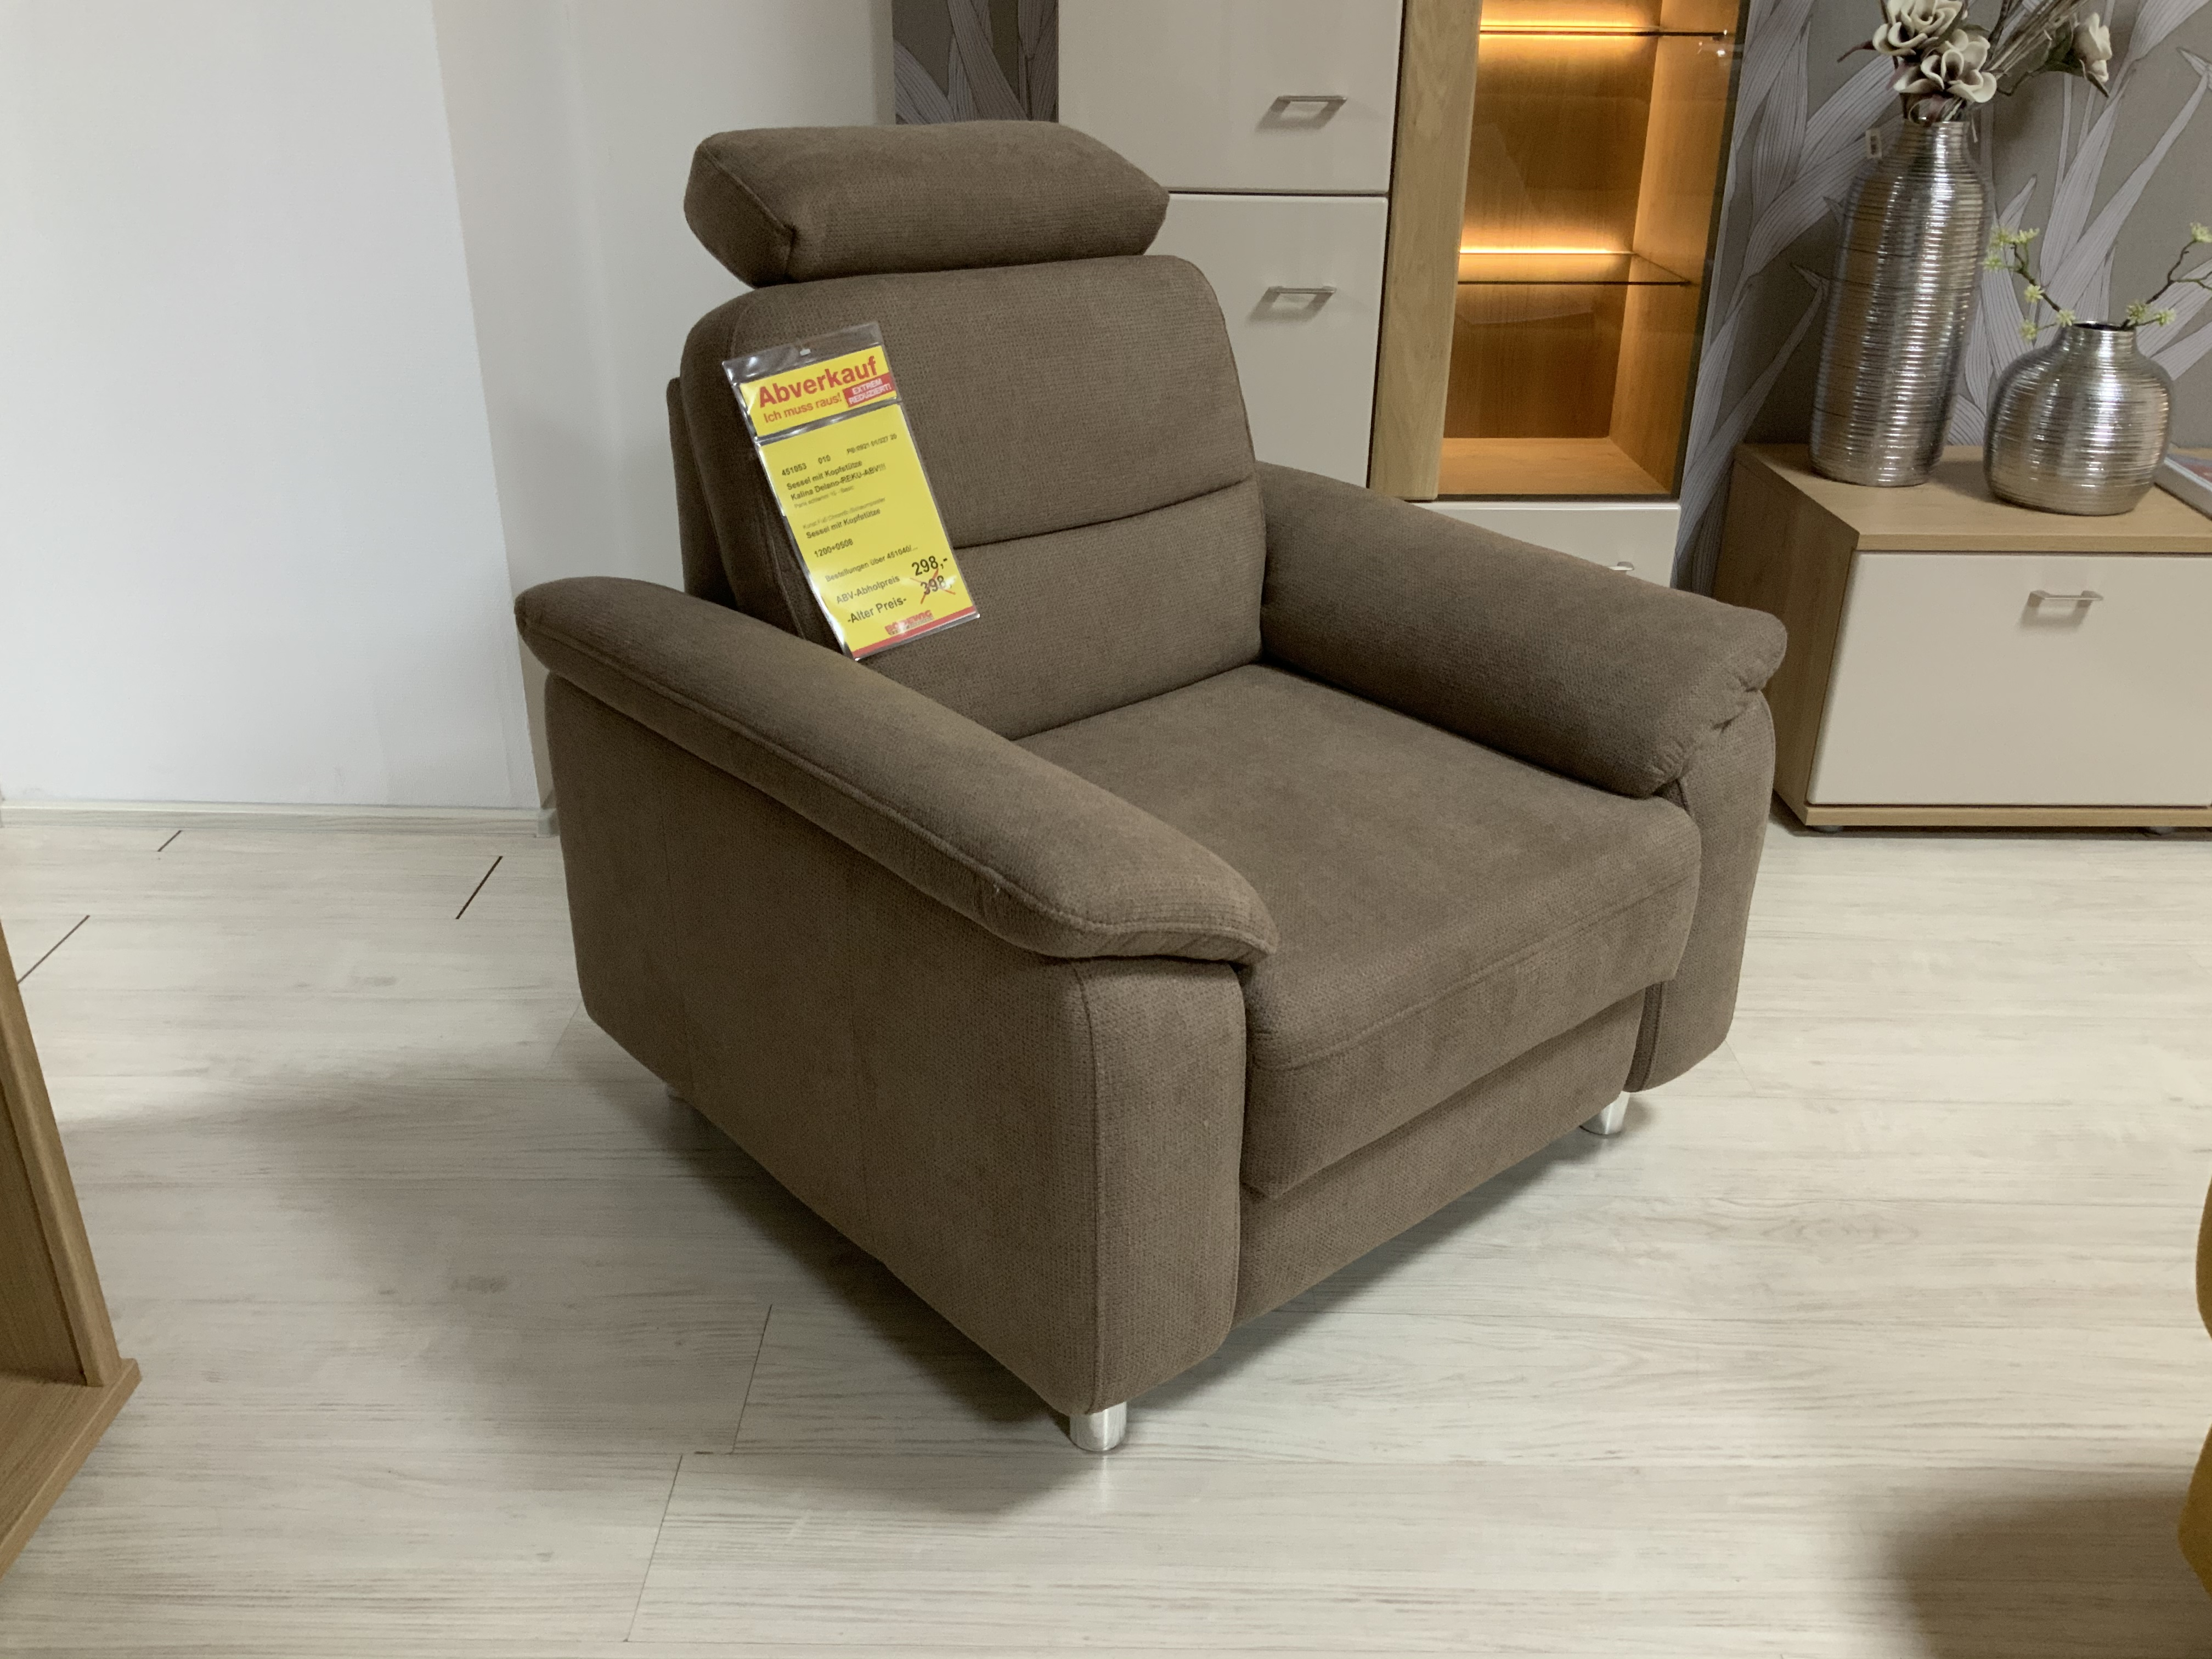 Sessel mit Kopfstütze Farbe Schlamm 451053-010